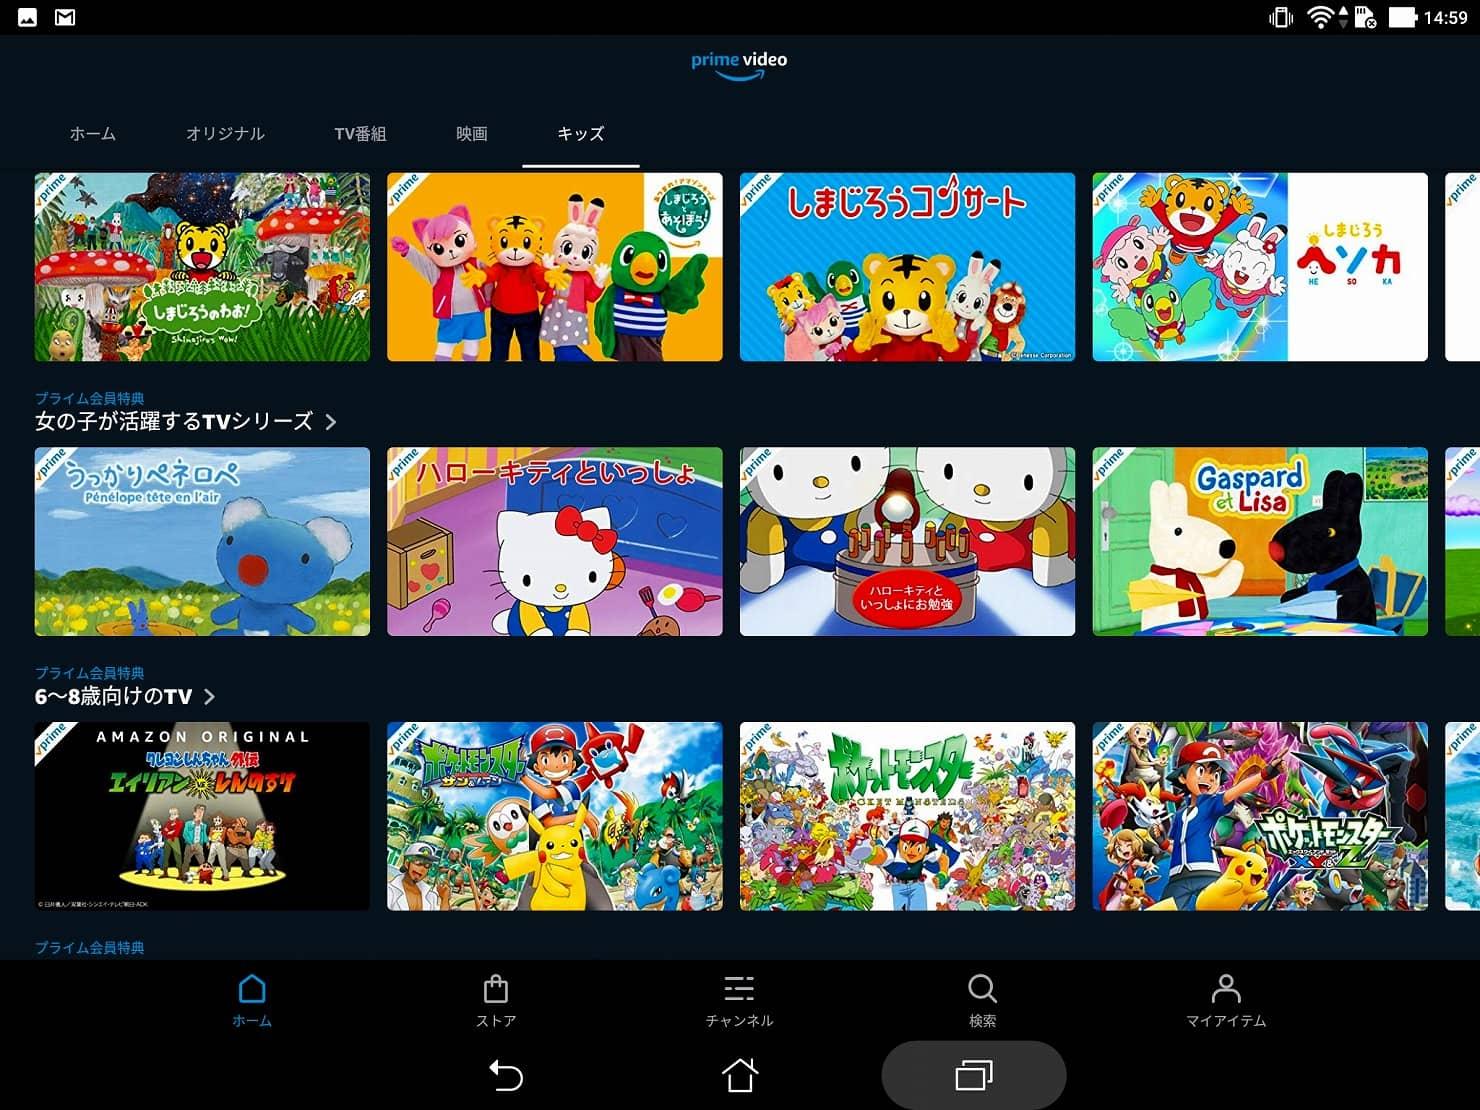 子供向けアニメや番組の動画配信サービスご紹介! VODの特徴とアニメ一覧も